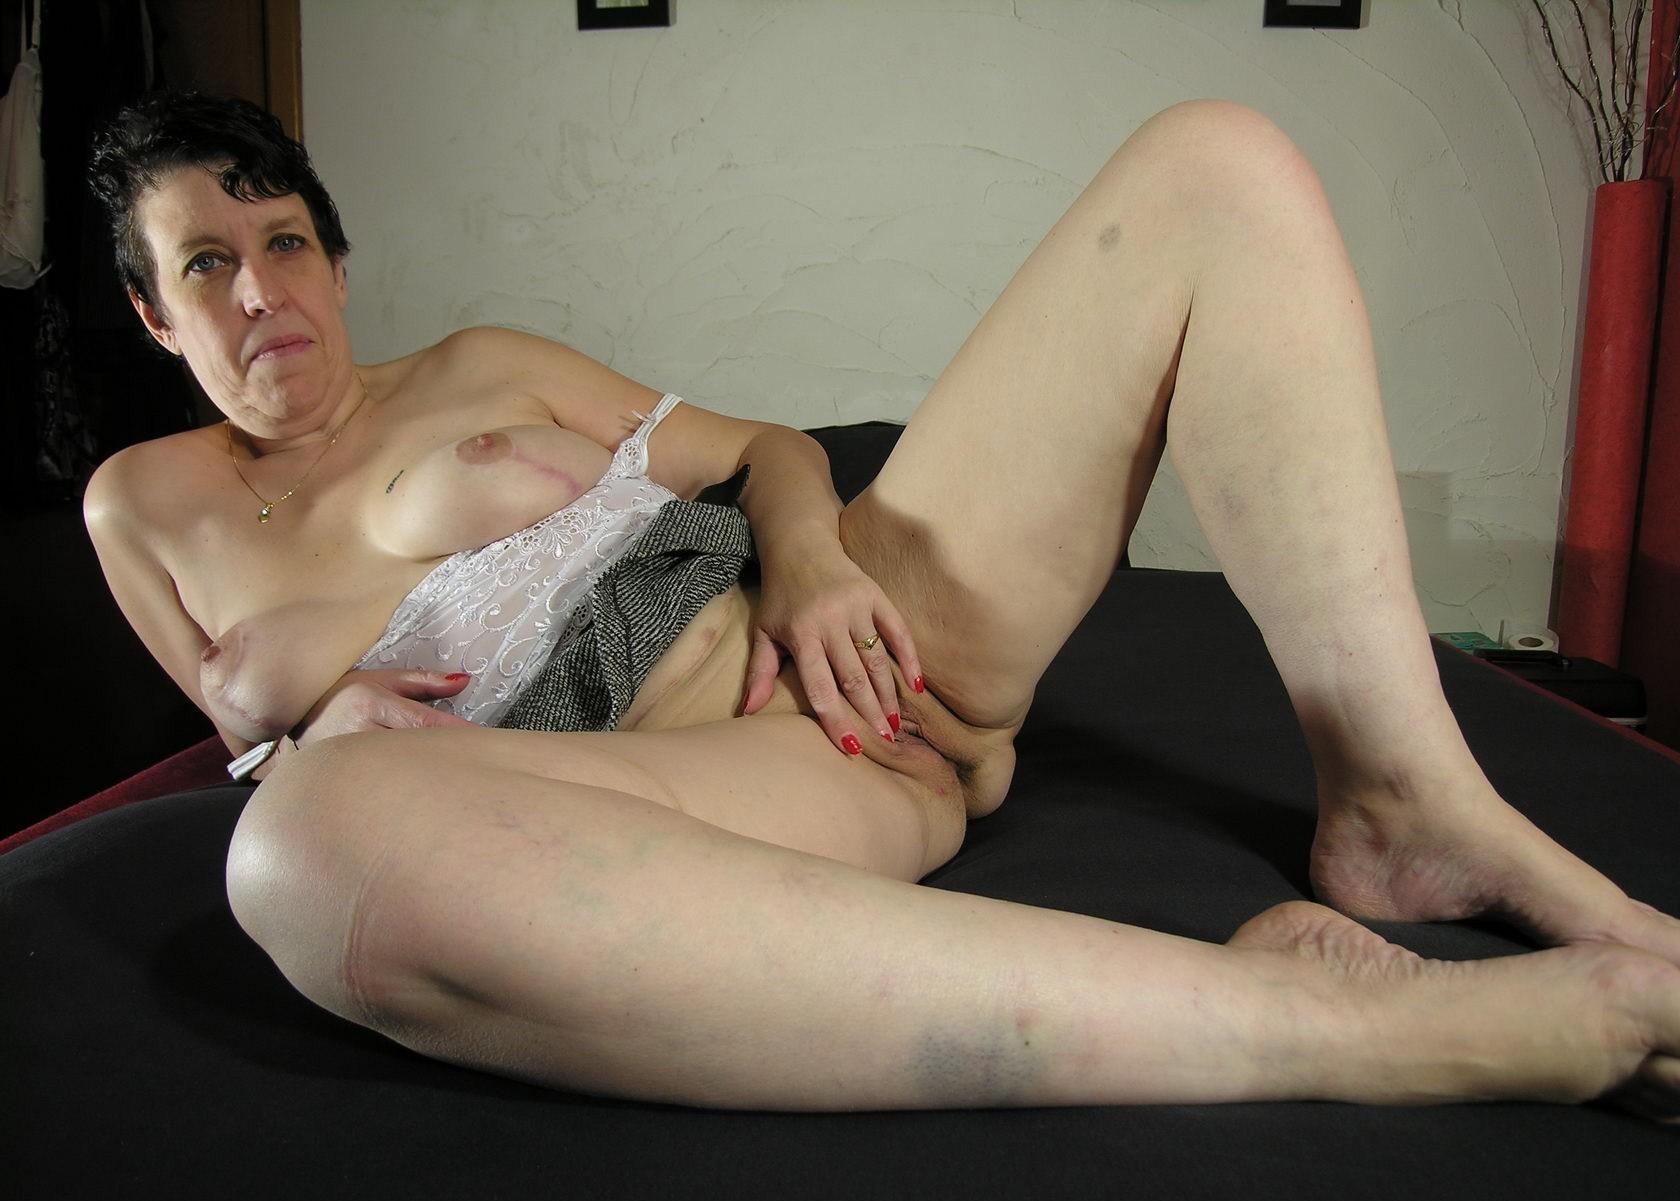 Dildo in ihrer Muschi - Kostenlose Sexbilder und heisse Pornobilder - Foto 4508